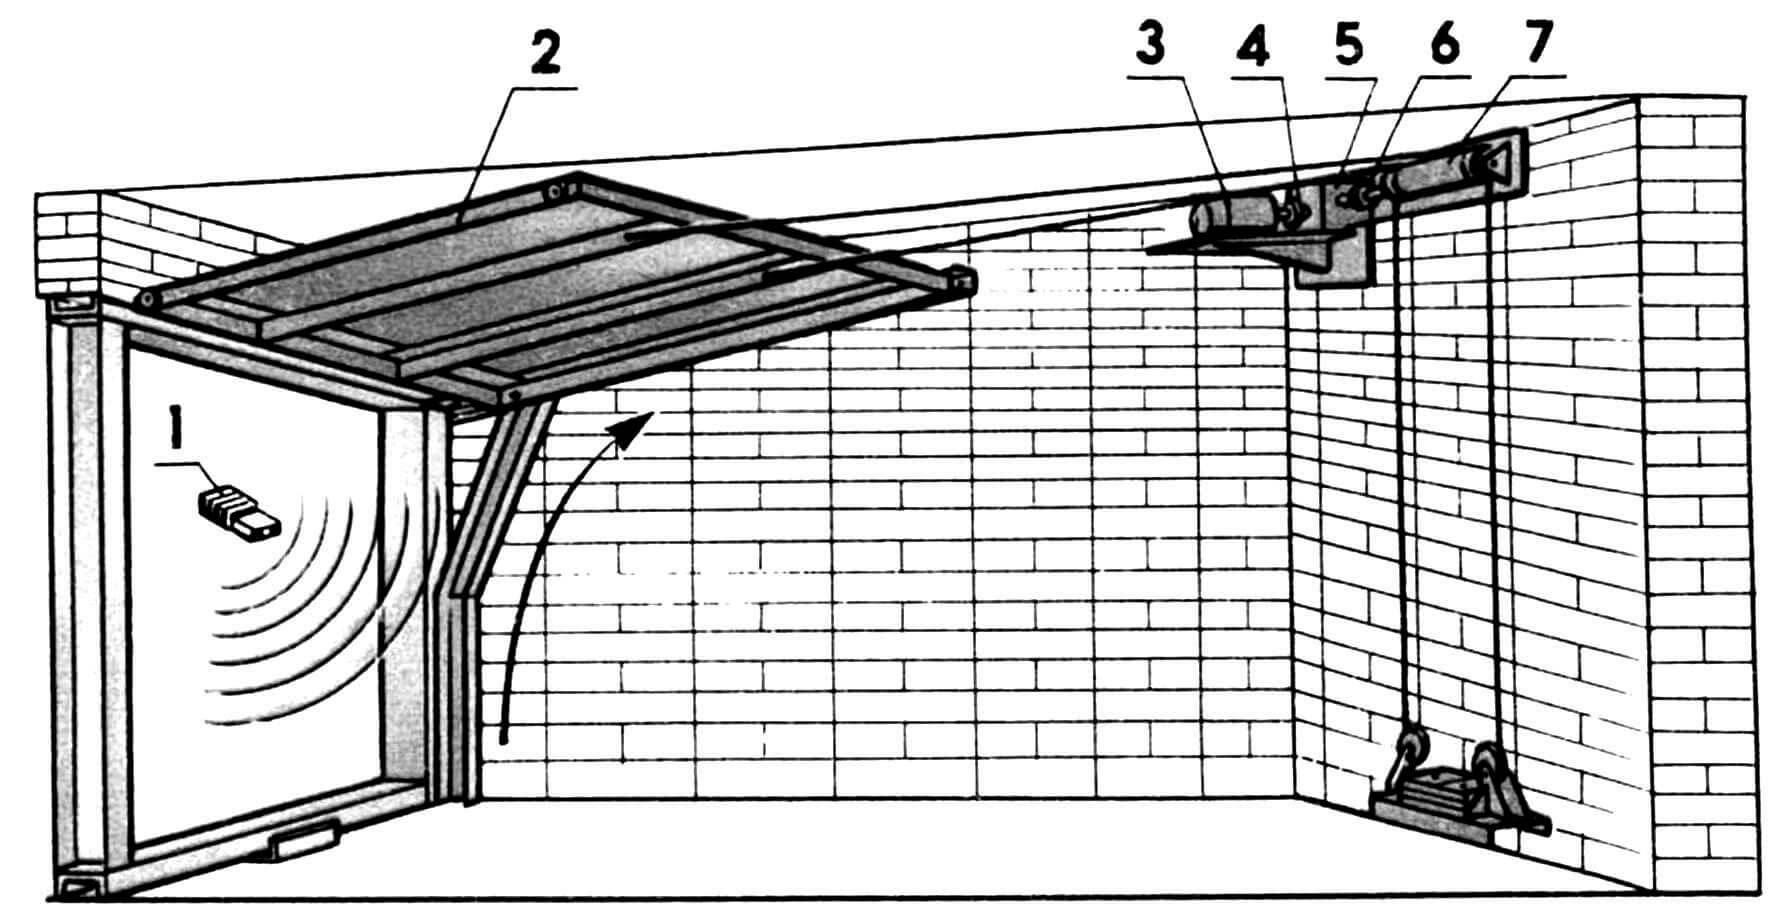 Вариант гаражных ворот с дистанционным управлением: 1 — передатчик, 2 — створка, 3 — электродвигатель, 4 — муфта соединительная, 5 — редуктор, 6 — муфта электромагнитная, 7 — барабан.